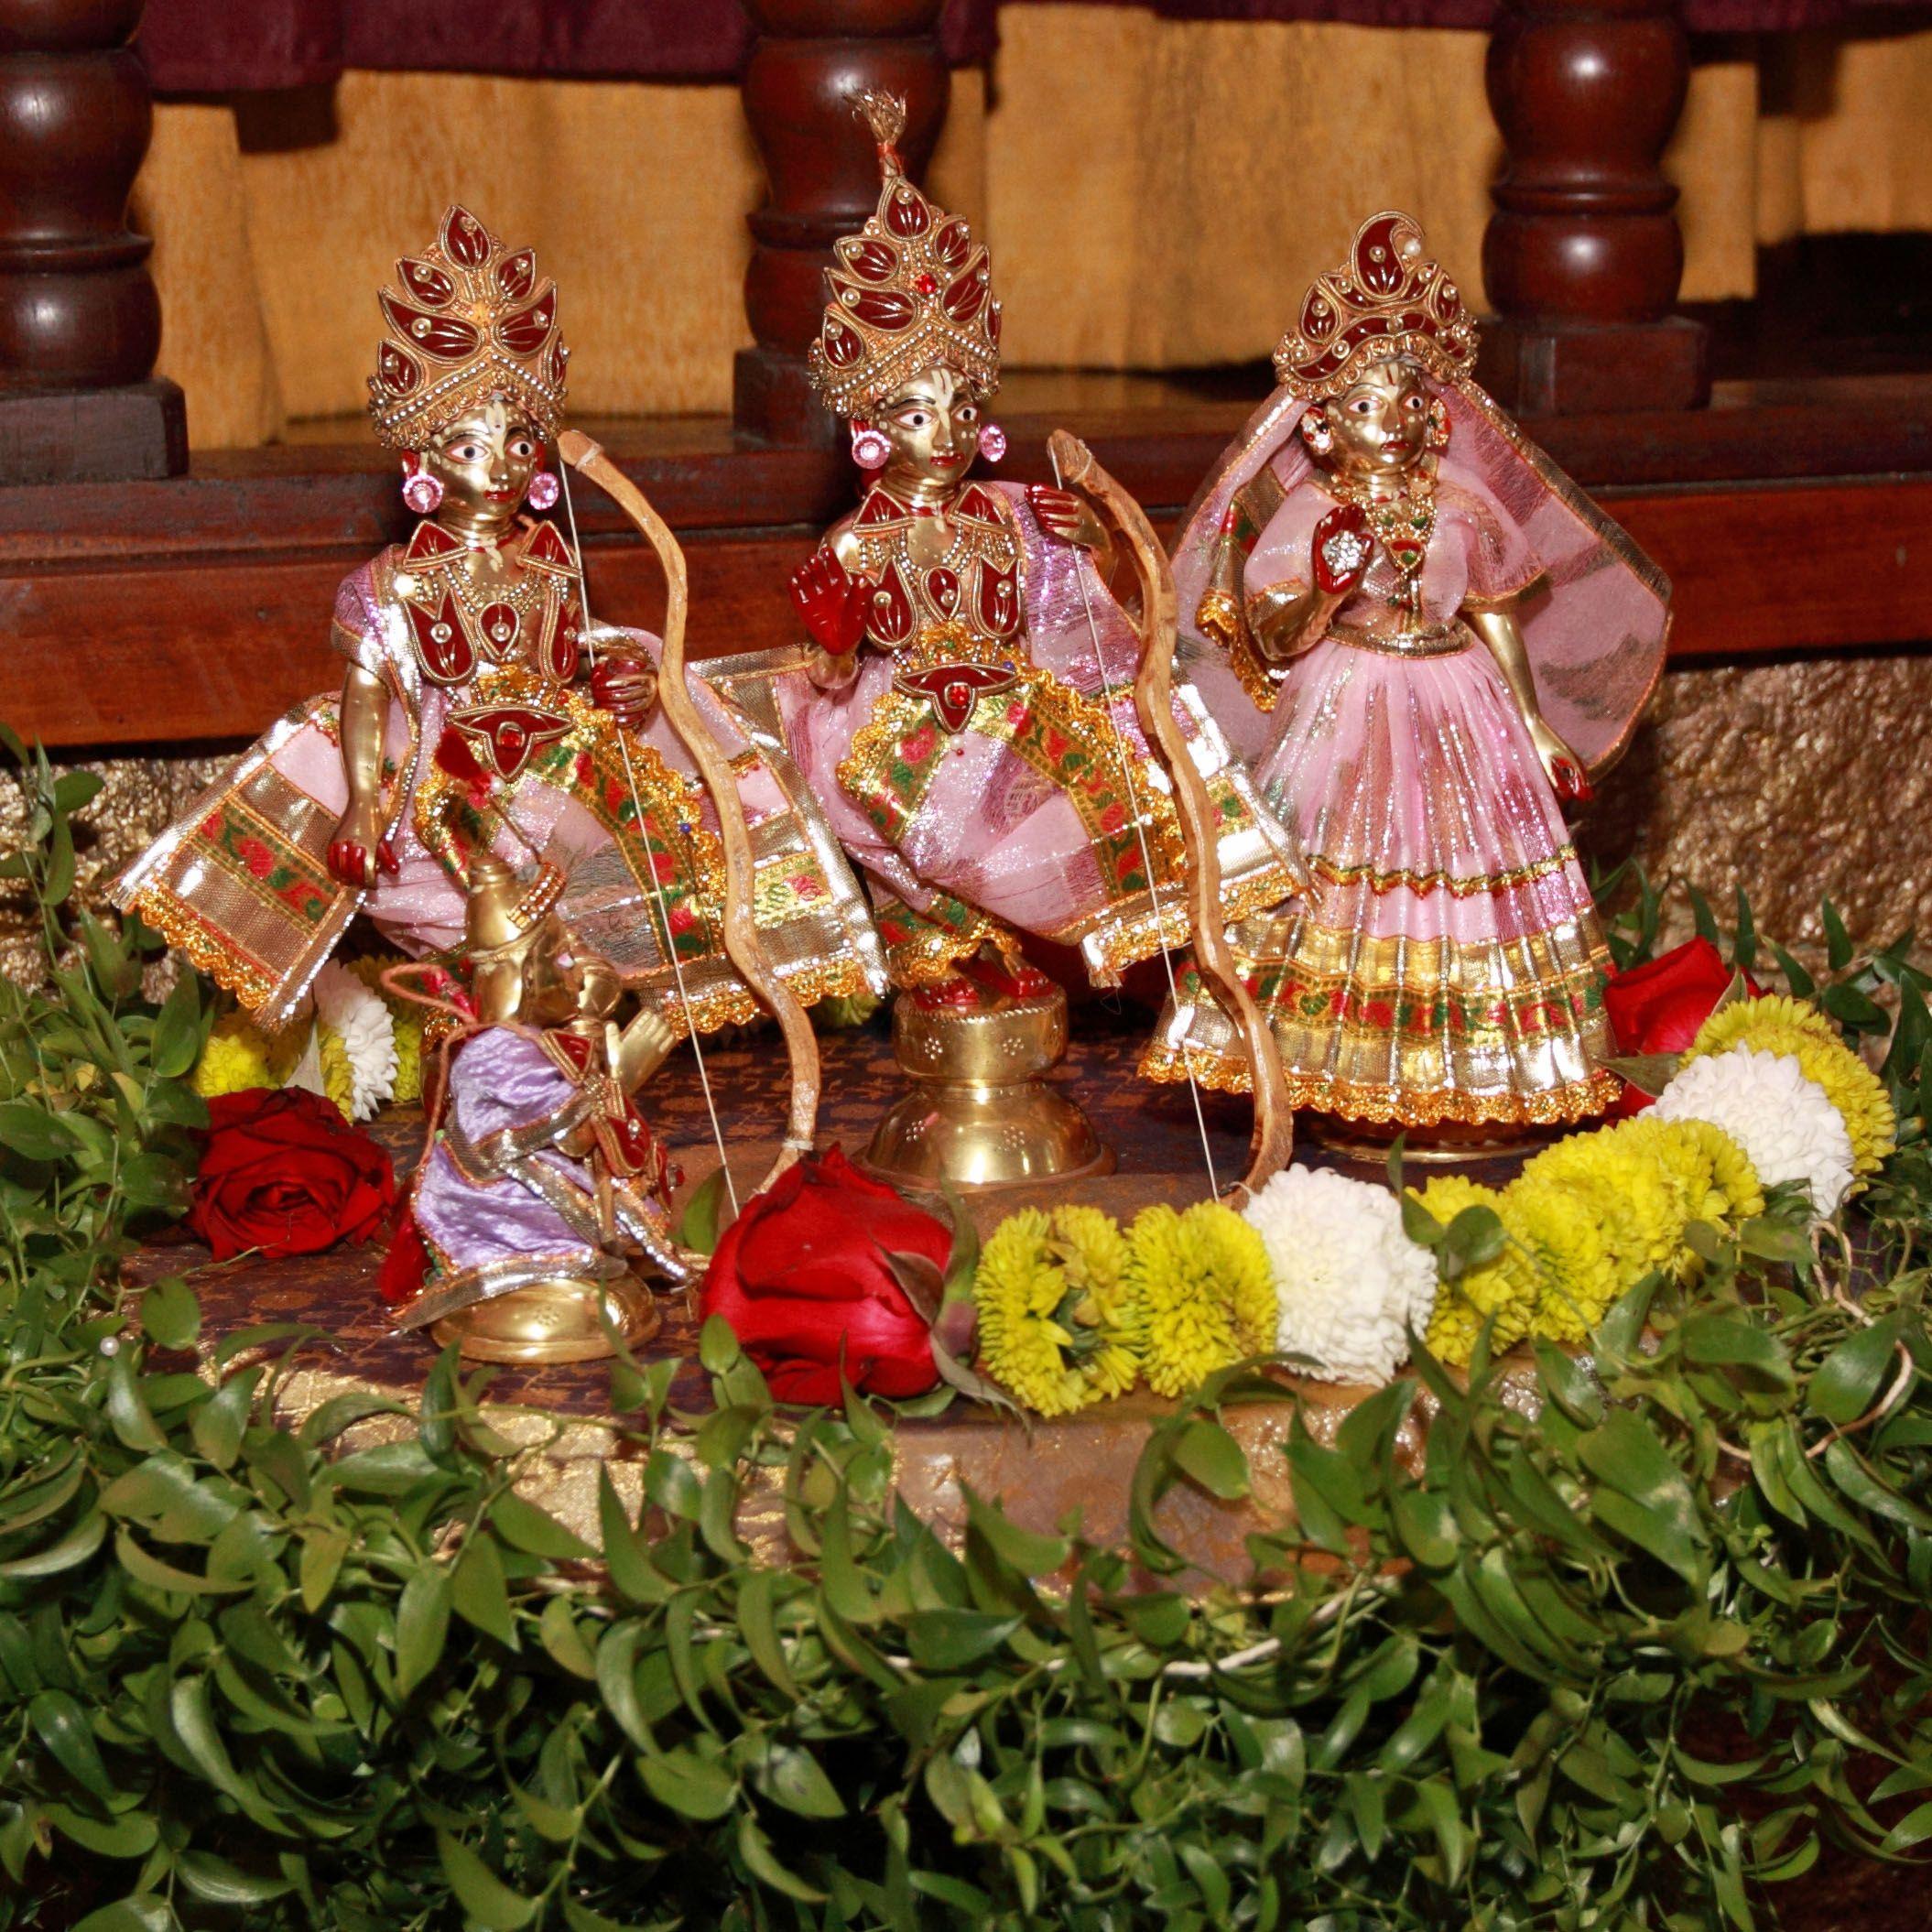 Templo Hare Krishna Iskcon no Itanhangá. Rama Navami, um festival de celebração do nascimento do Senhor Ramachandra de Ayodhya . Ramachandra é a sétima encarnação do Dashavatara de Vishnu.